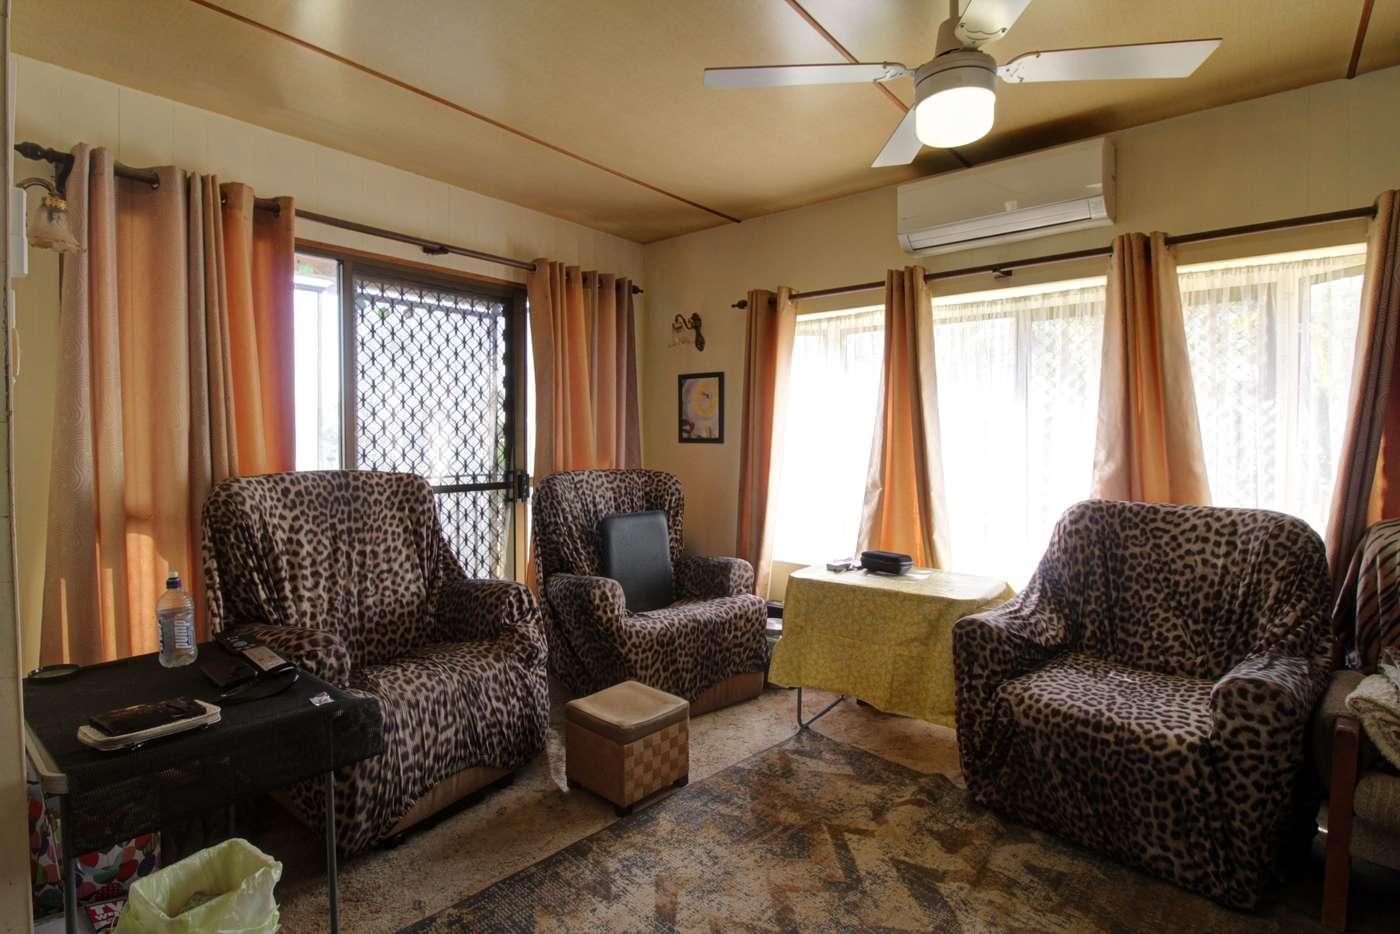 Fifth view of Homely house listing, No 4 Barmera Caravan Park, Barmera SA 5345